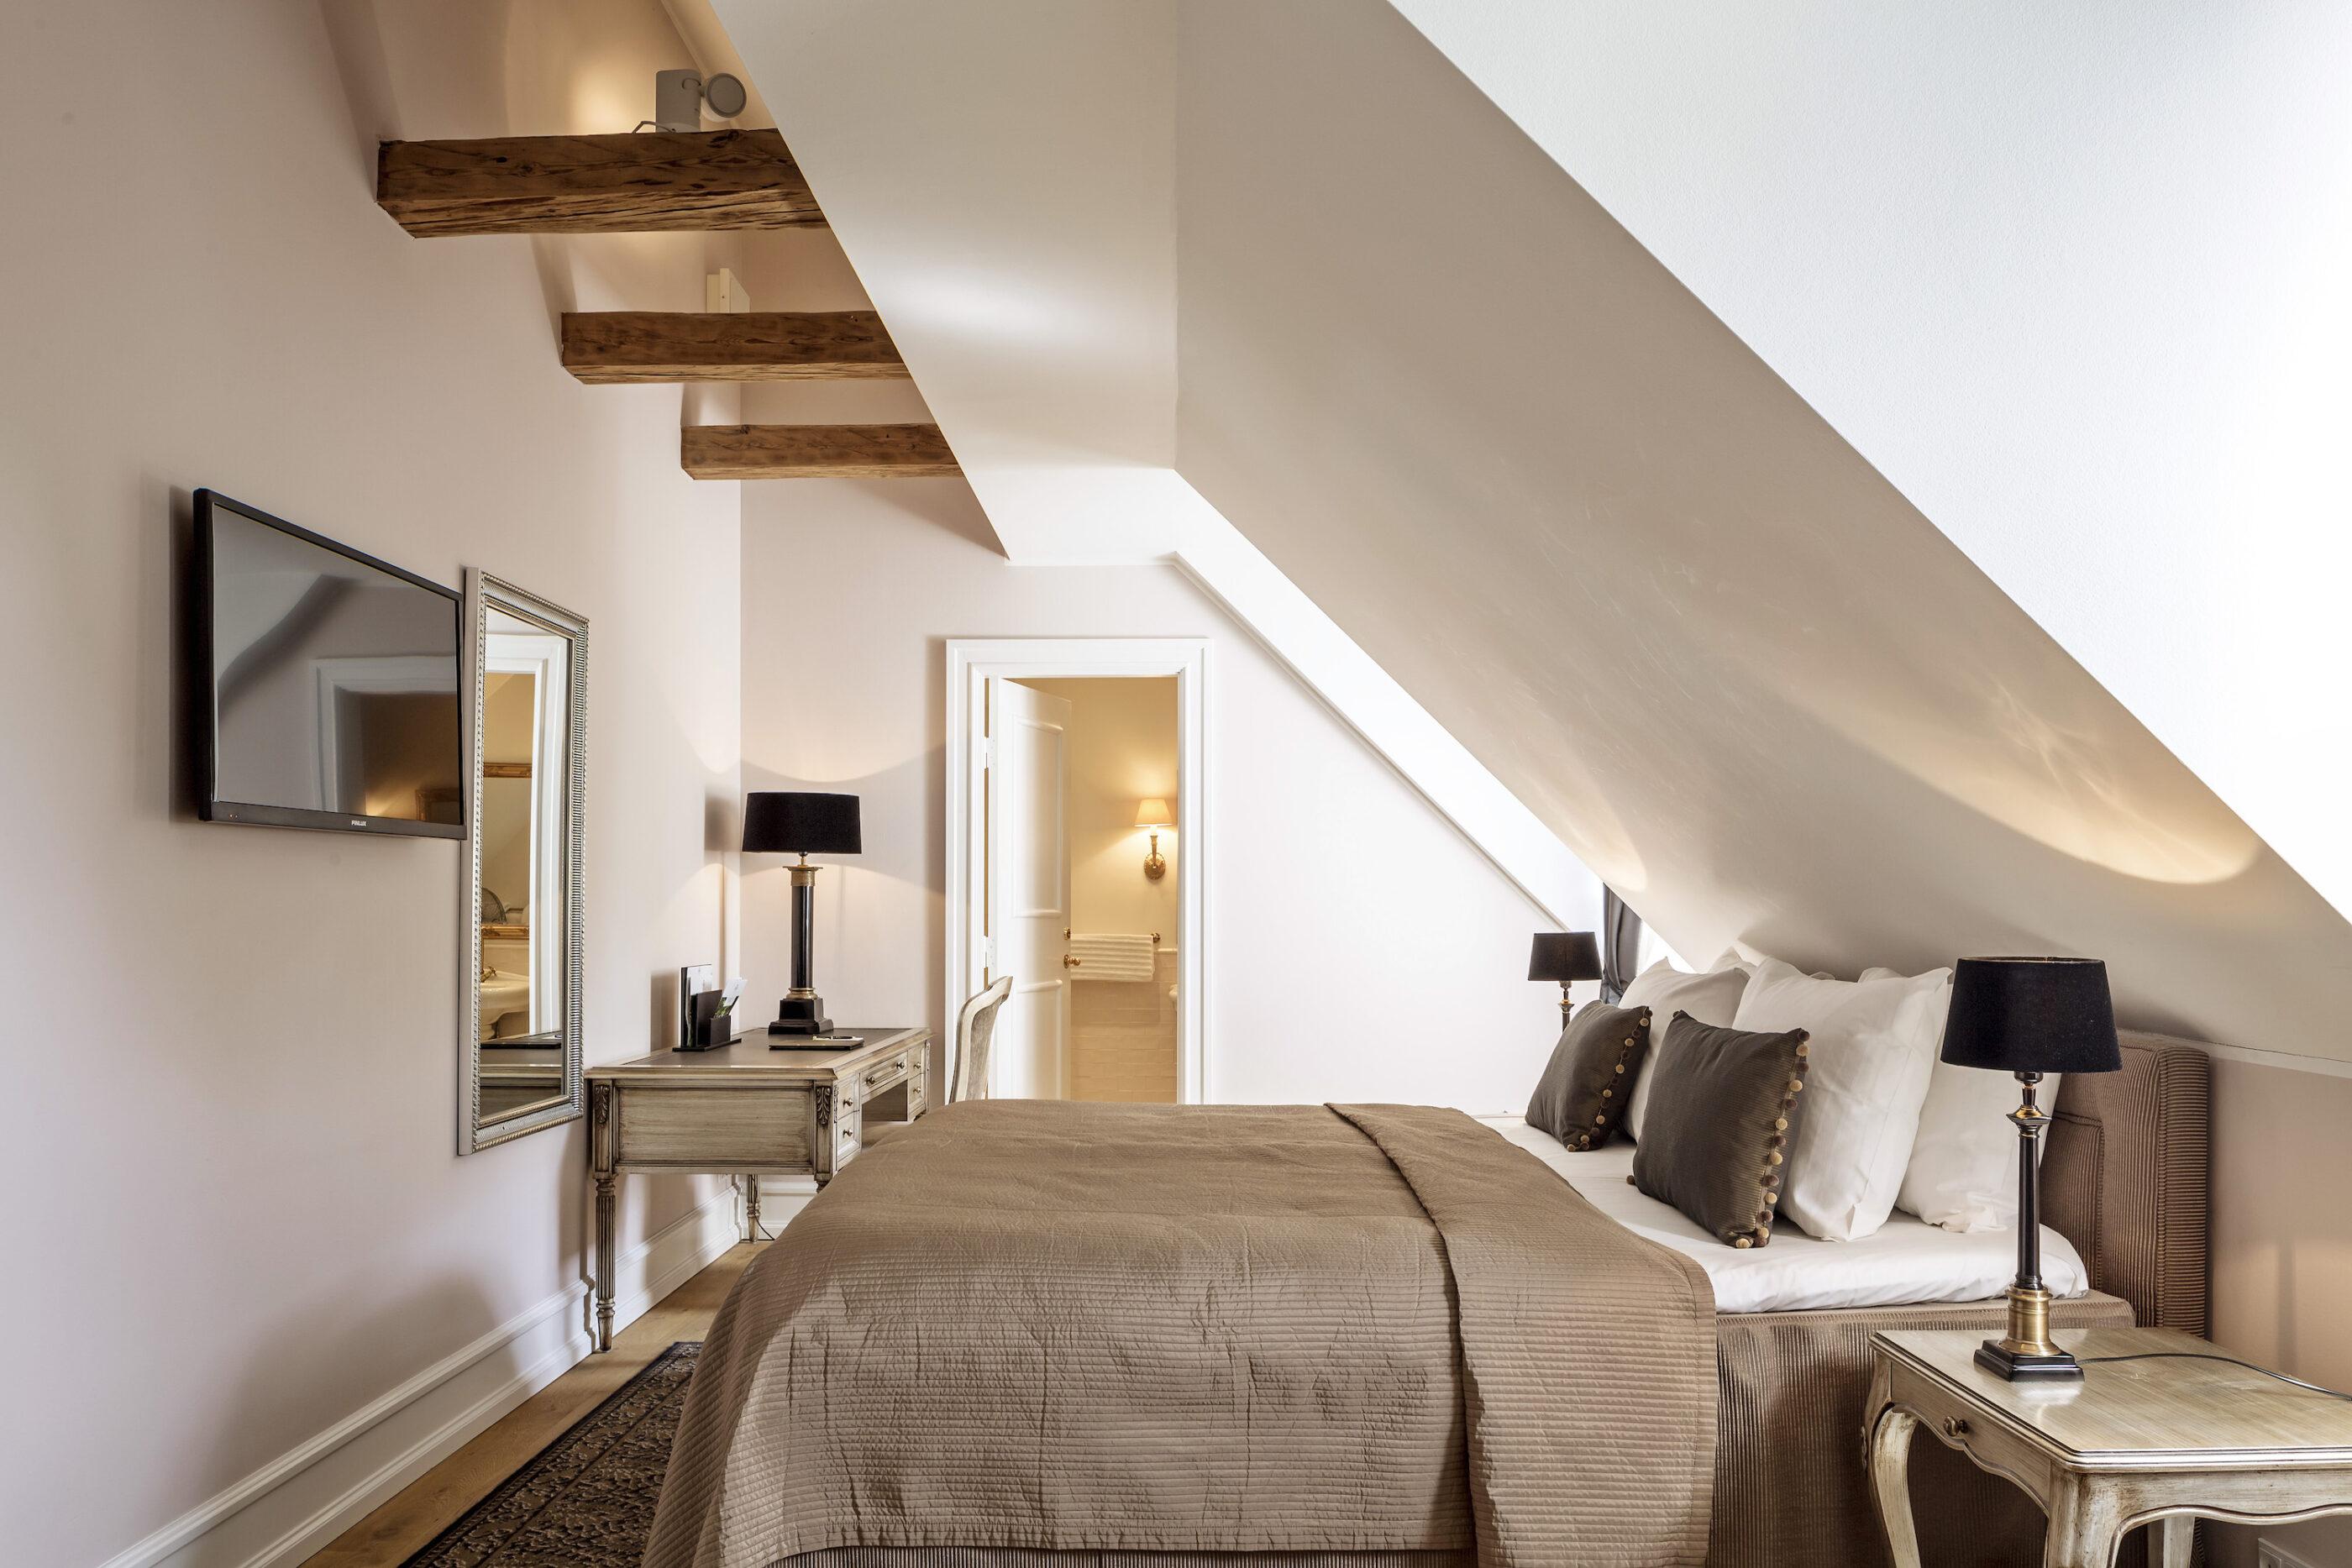 Loft-soveværelse med fladskærms TV på væggen og badeværelse i baggrunden